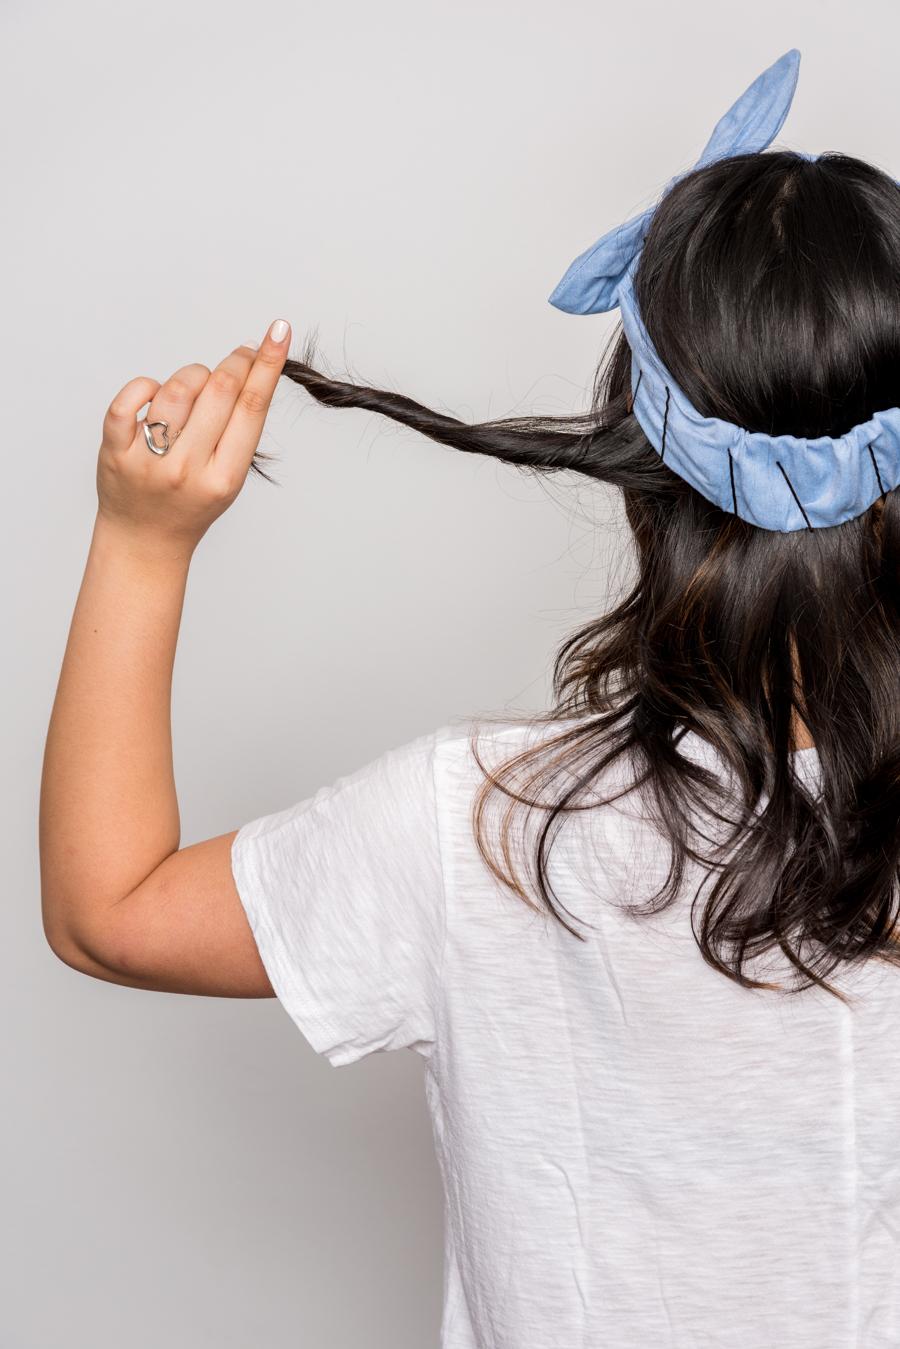 How To Do An Easy Headband Updo 夏にオススメの簡単ヘアアレンジ 5